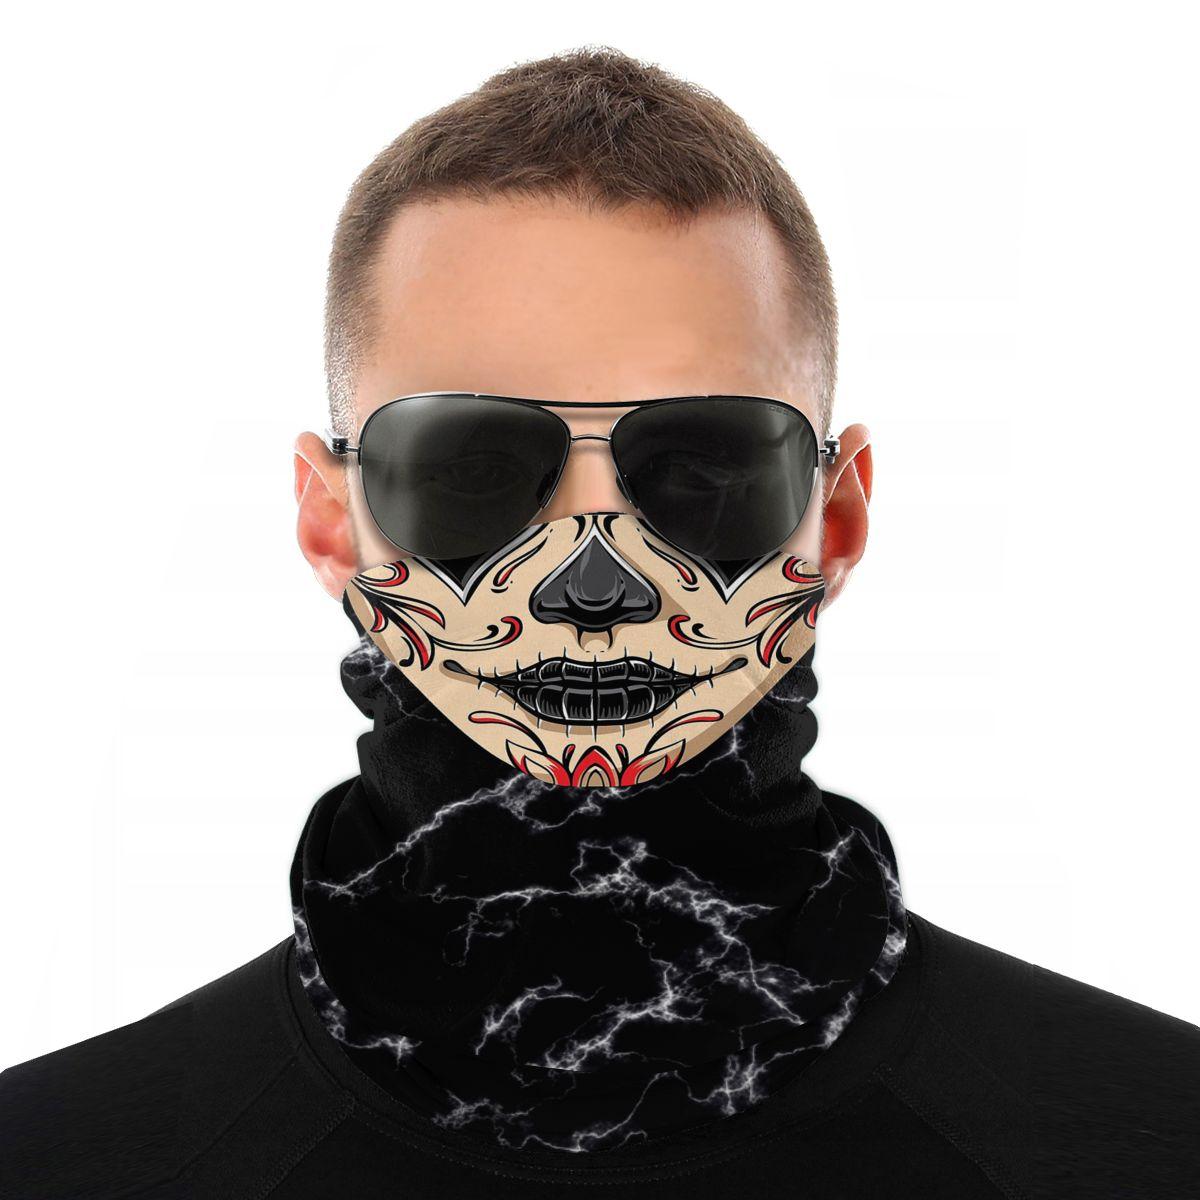 Bufanda de calavera mágica de La Catrina, máscara de media cara, máscara de Halloween, bufanda de tubo, Bandanas sin costuras, diadema a prueba de polvo, senderismo al aire libre